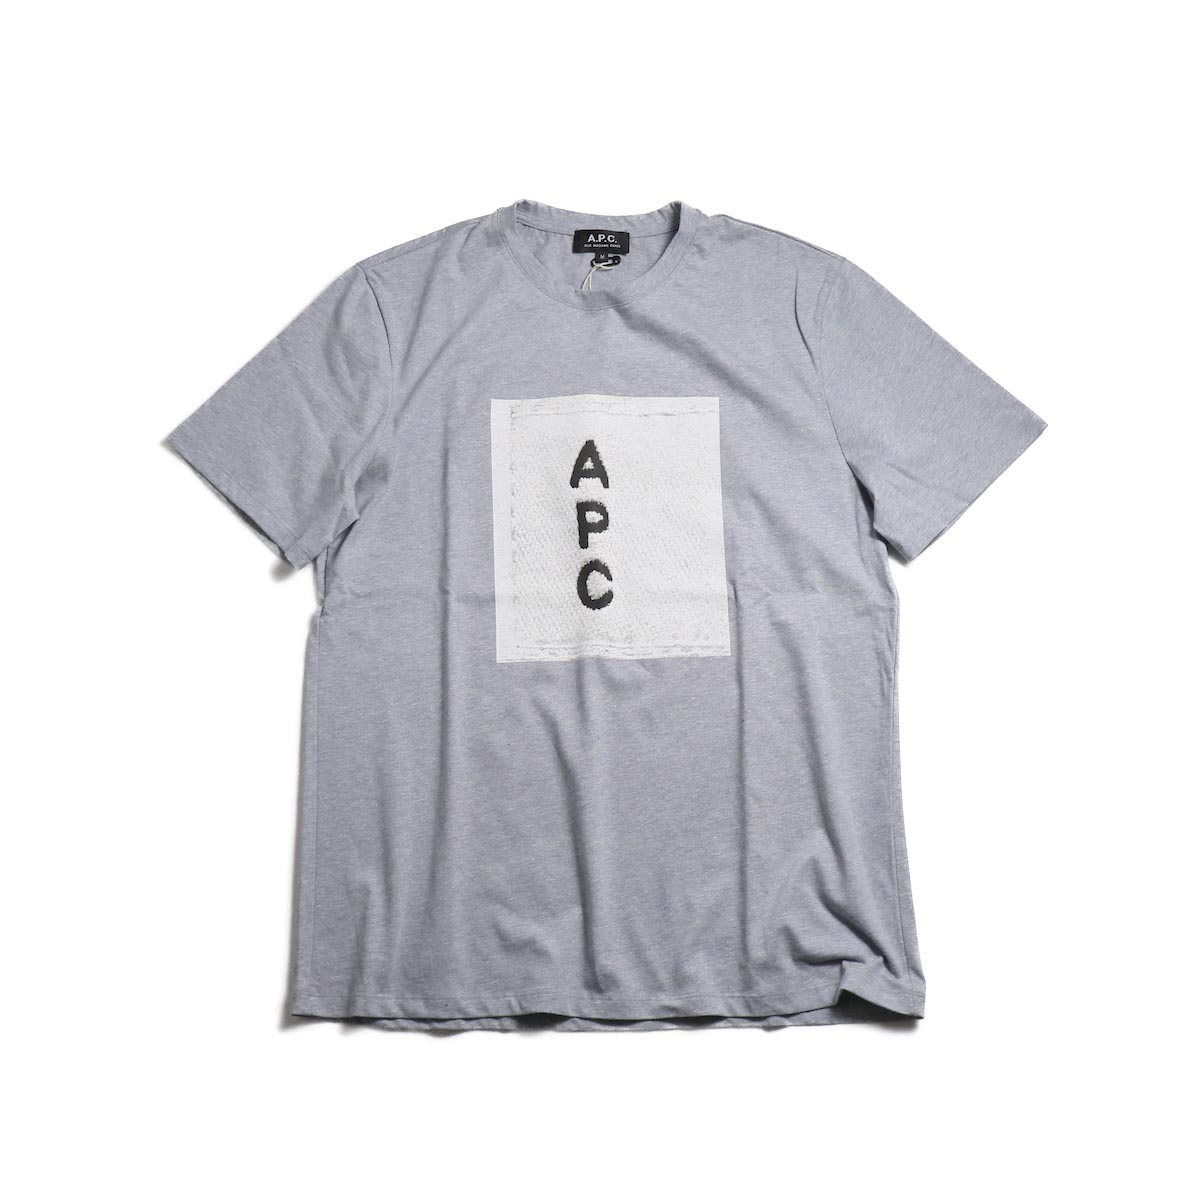 A.P.C. / Logo Tシャツ